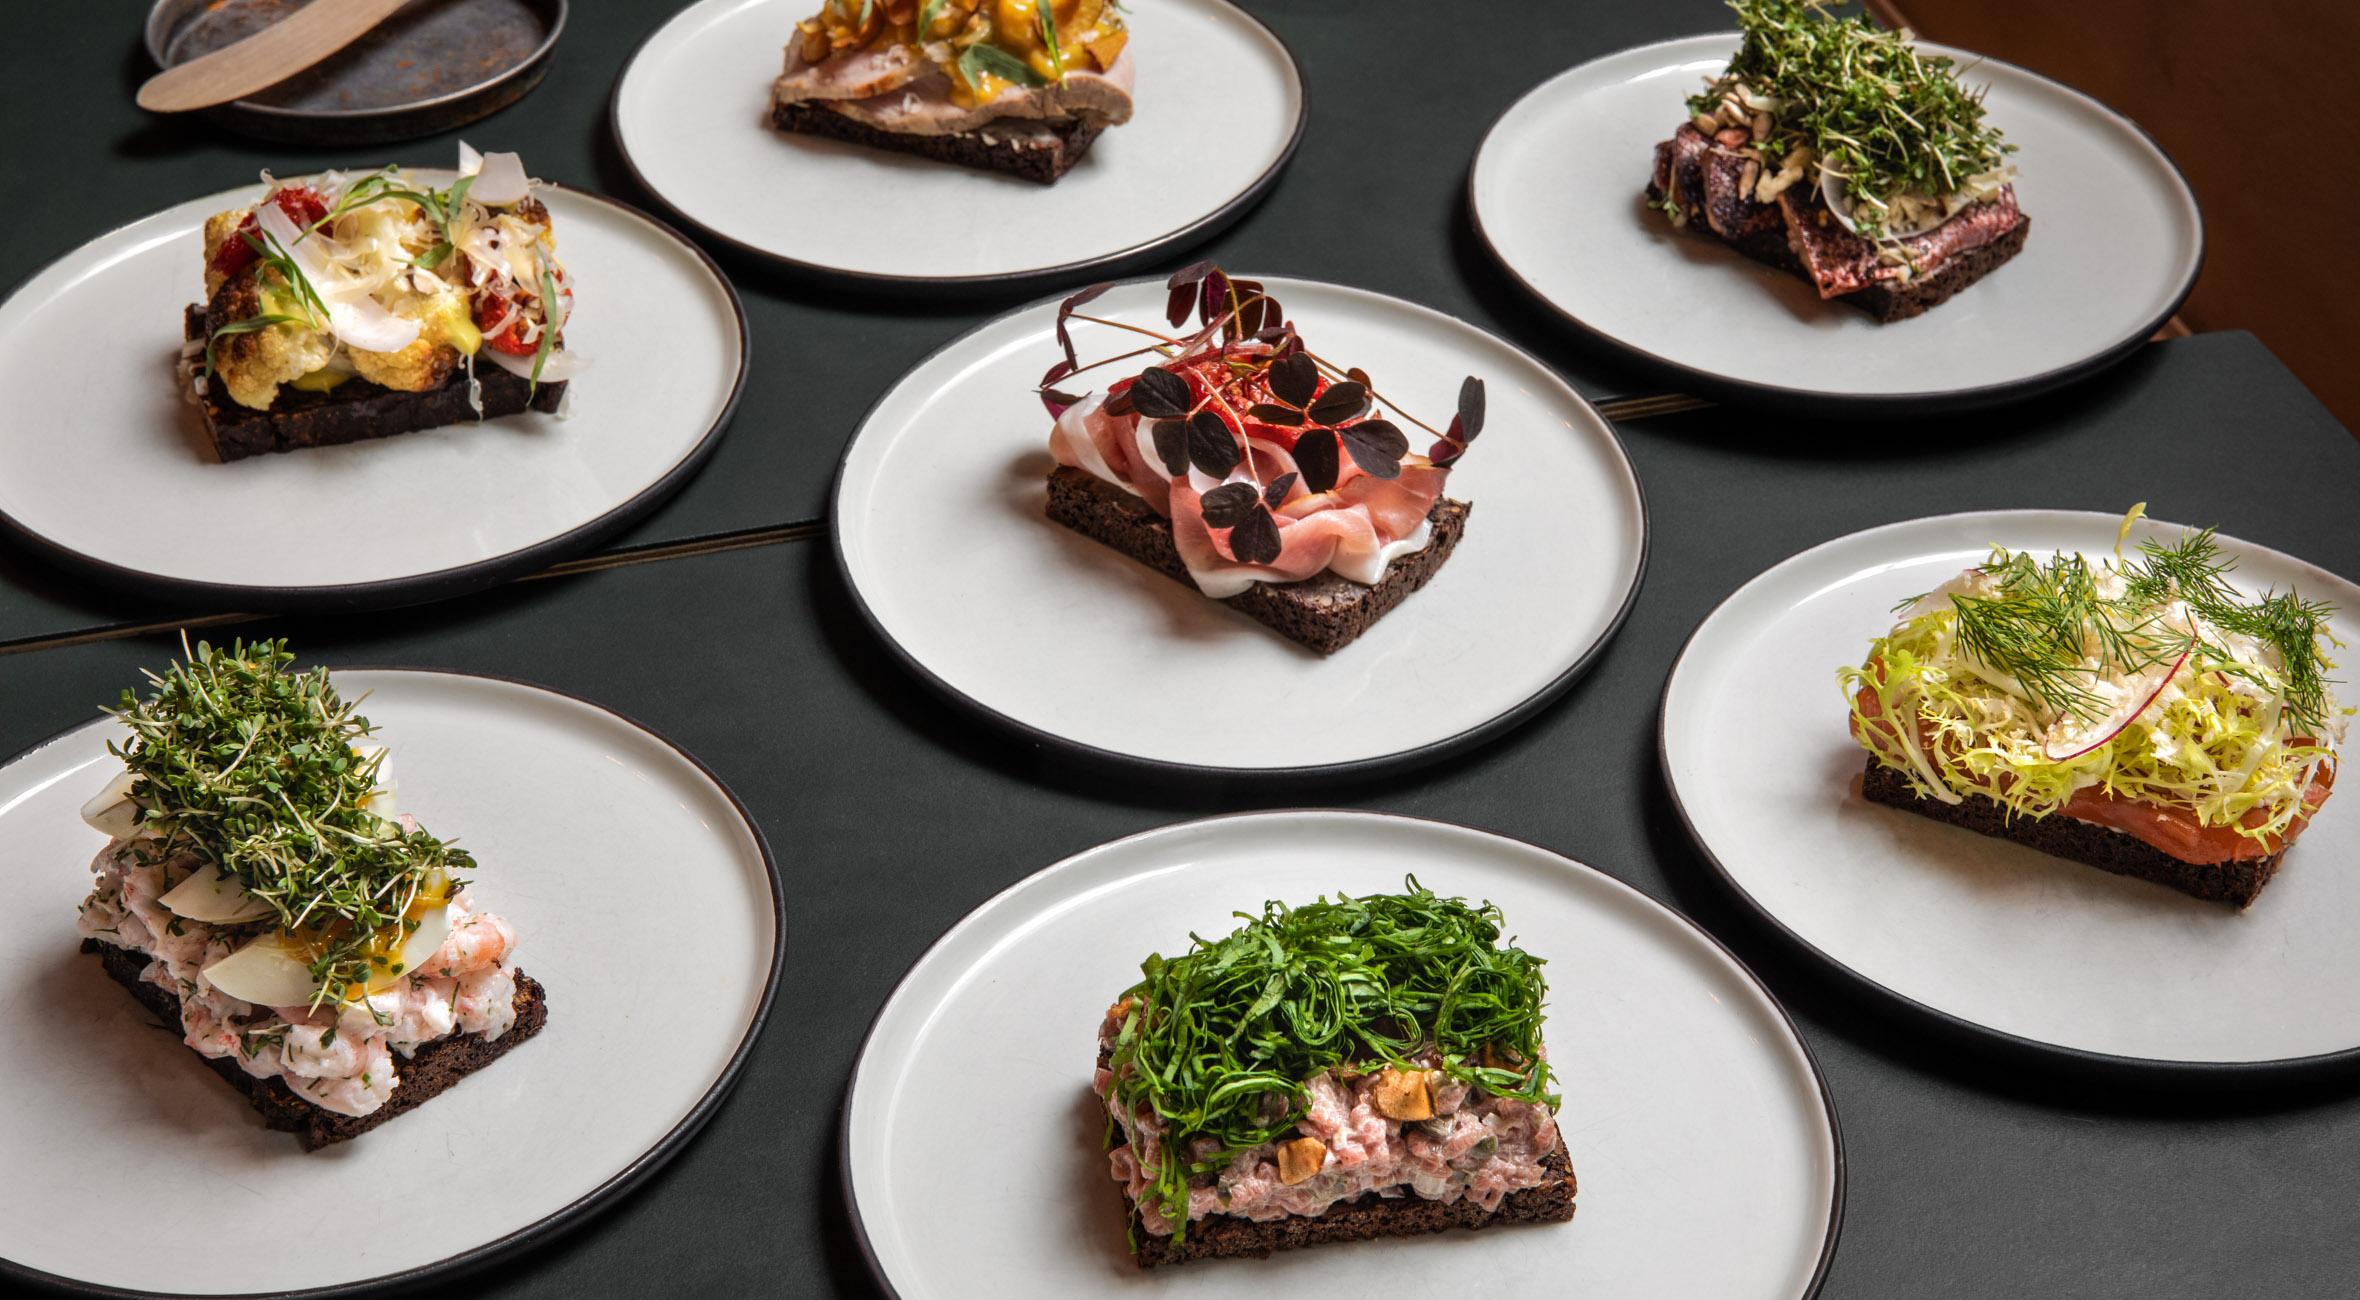 3 stk. smørrebrød hos Michelin-anbefalede Meille – Tidligere Noma-kok byder på overdådigt smørrebrød i Indre By